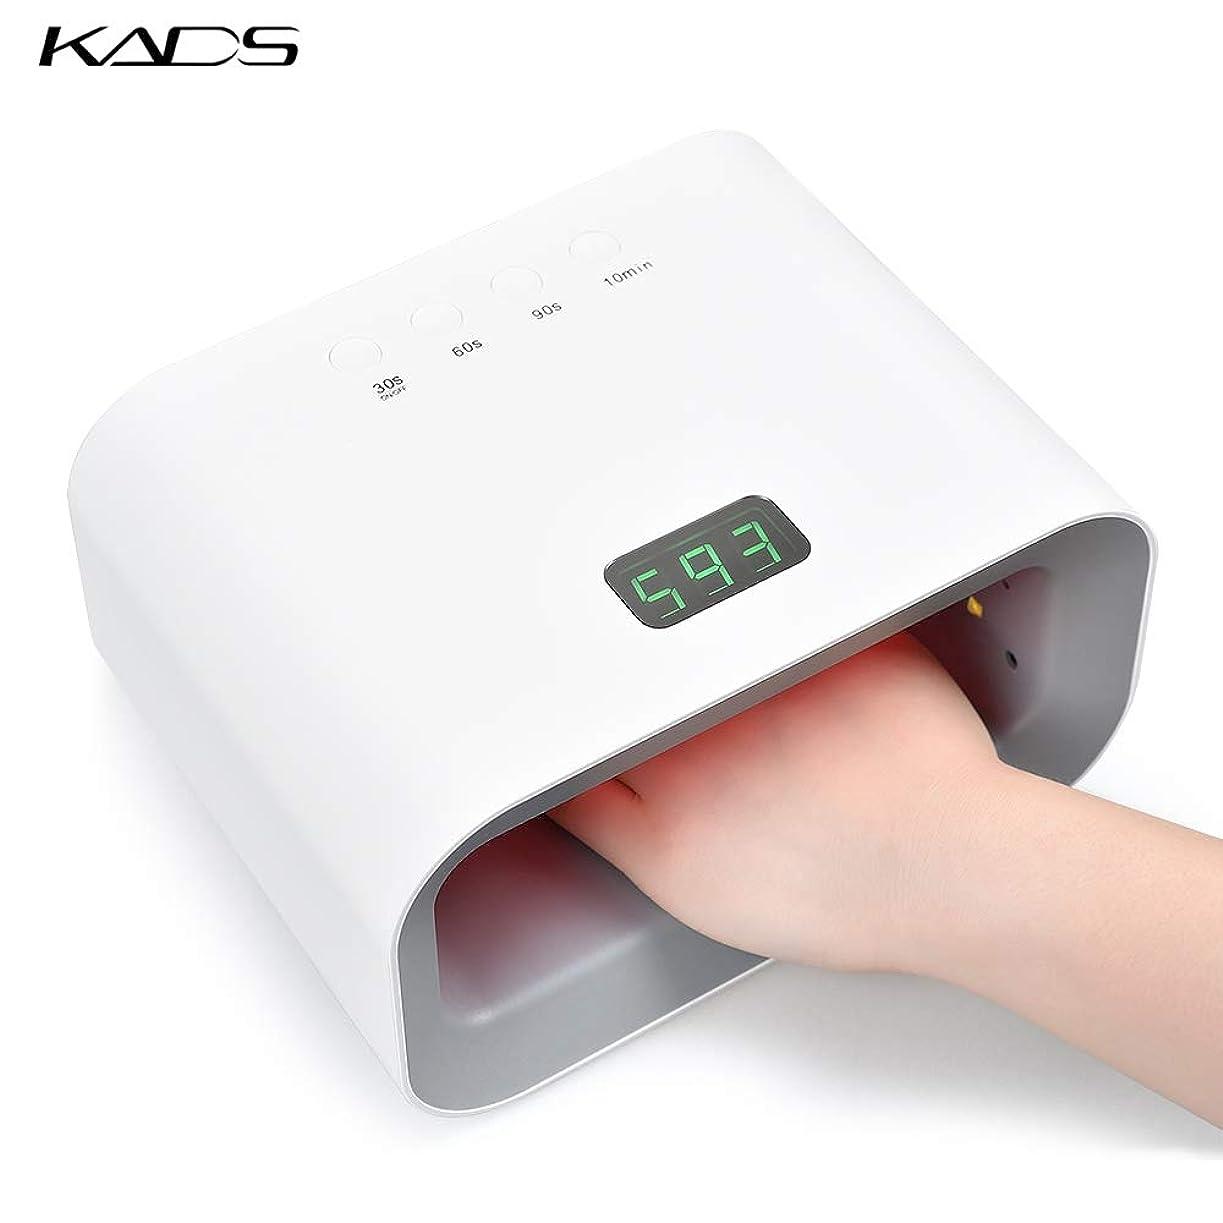 マニフェスト見捨てるホップKADS LEDネイルドライヤー UV/LEDライト 90W 美白機能付き 3段階タイマー設定 高速硬化 硬化用ライト ランプ ジェルネイル用 赤外線検知